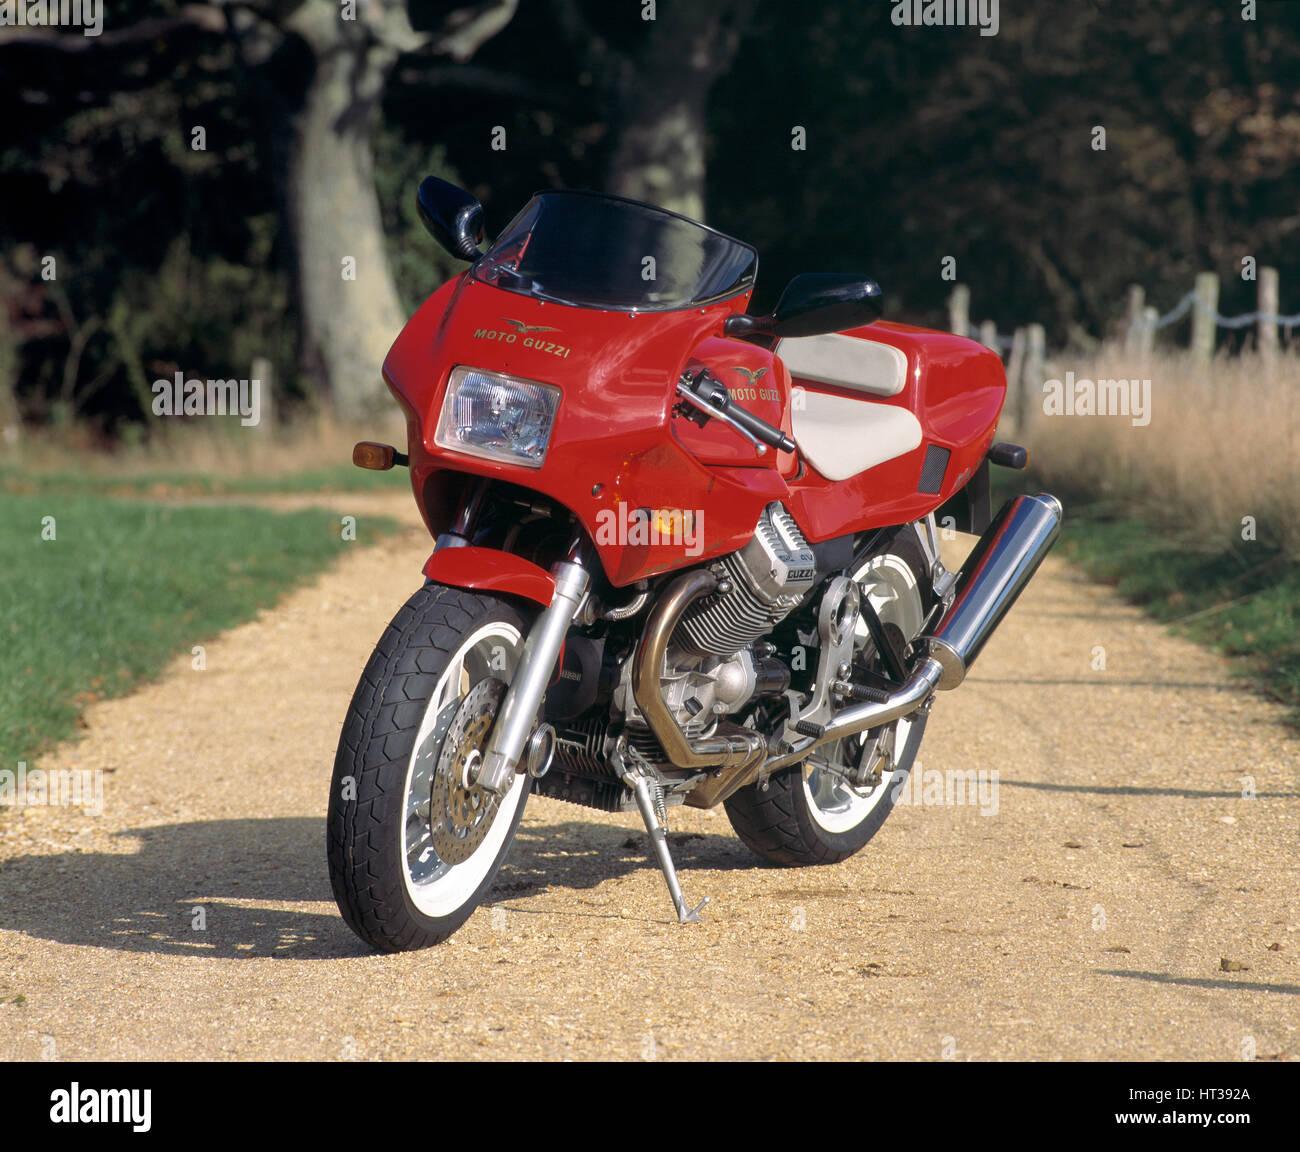 1994 Moto Guzzi Daytona 1000. Artist: Unknown. - Stock Image